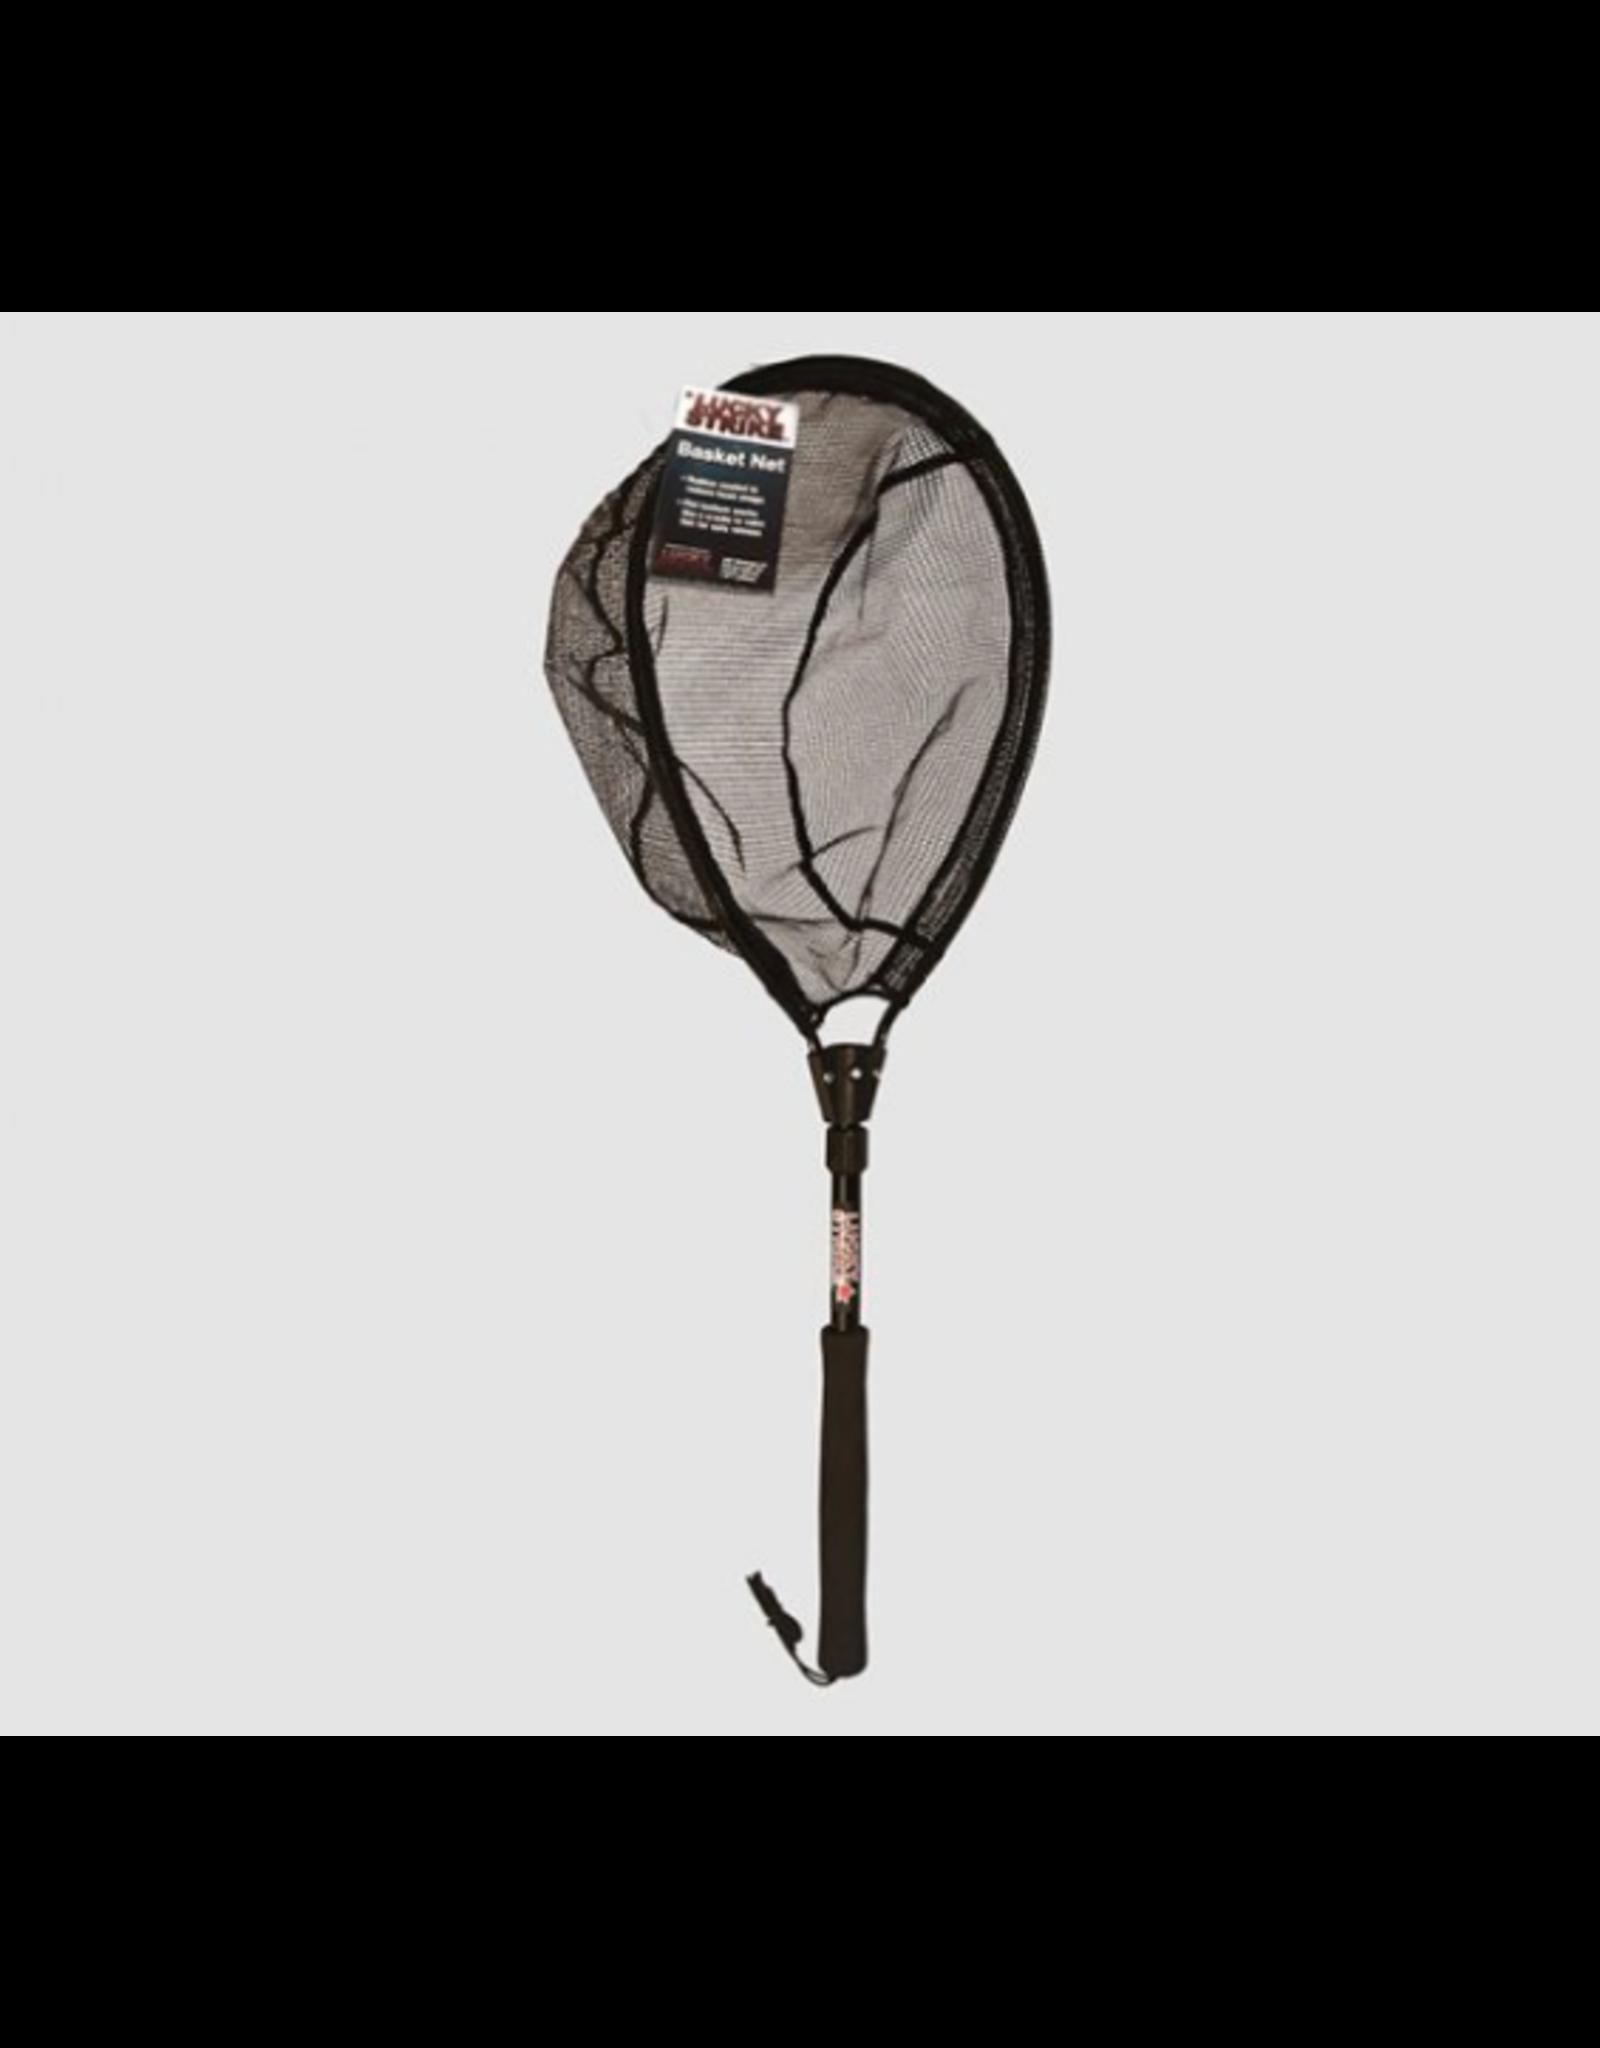 Lucky Strike B2 Basket Net Trout Telescopic Slideaway